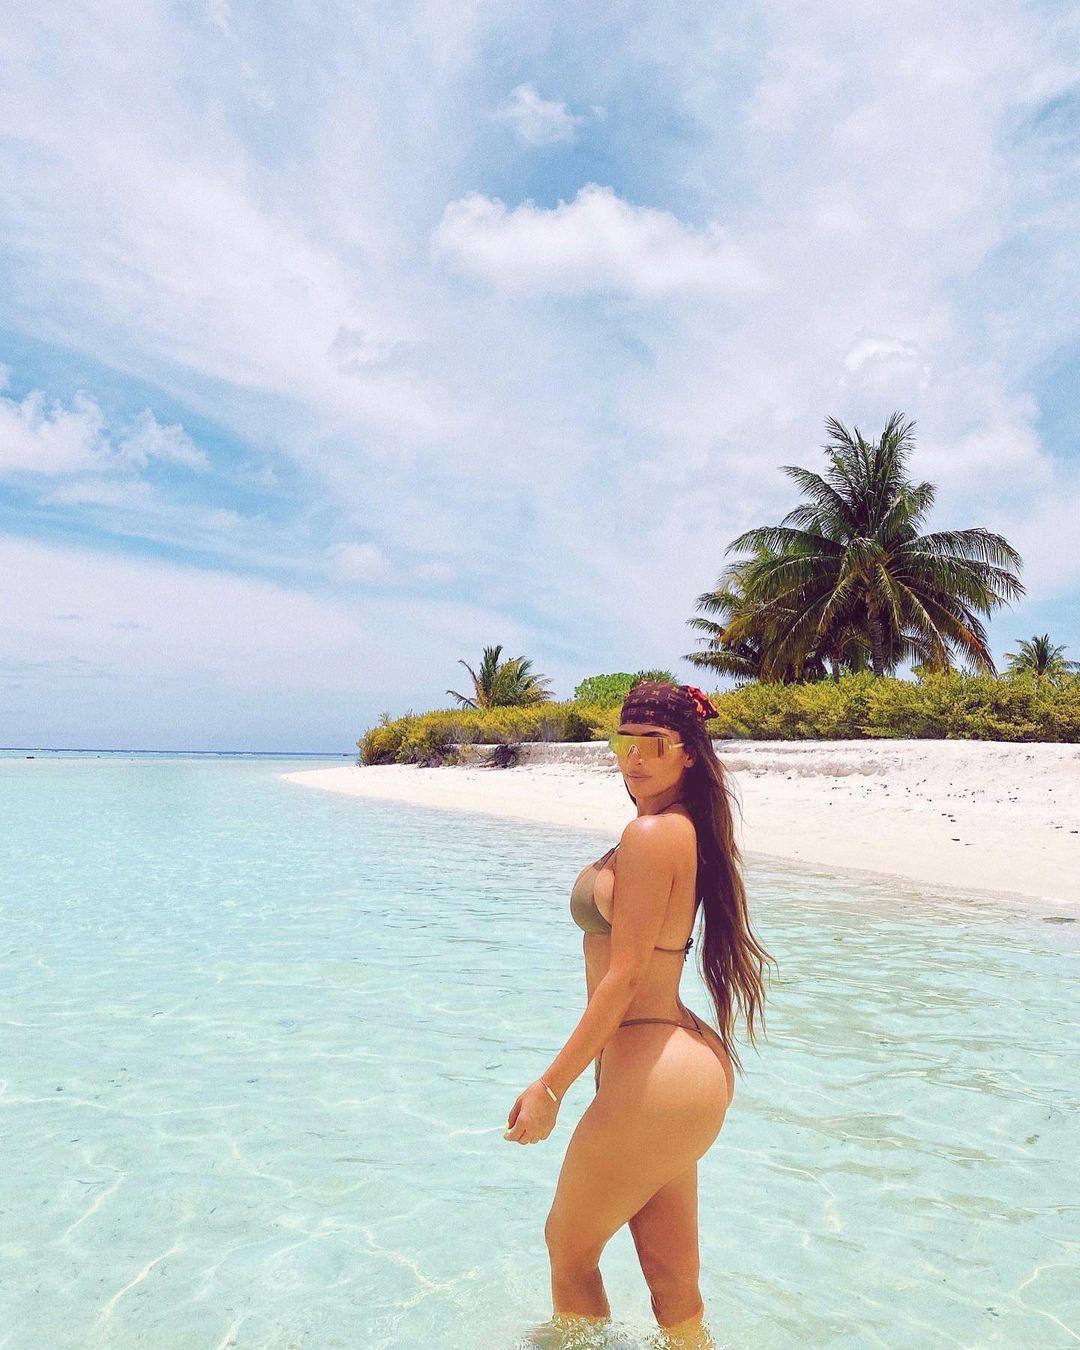 Kim Kardashian Displays Her 40-year-old Body in Sexy Bikini Photos